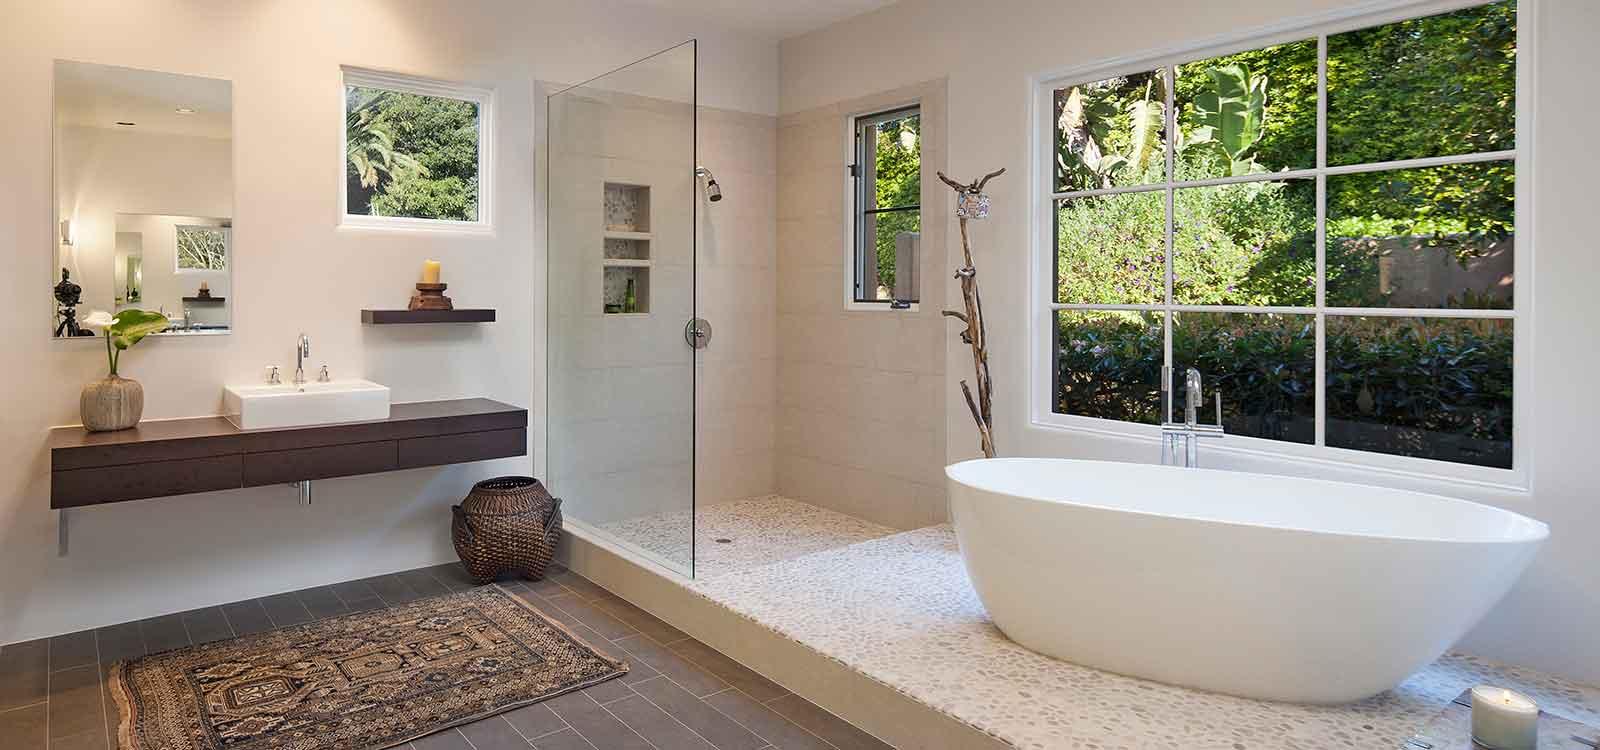 bathroom renovations experts